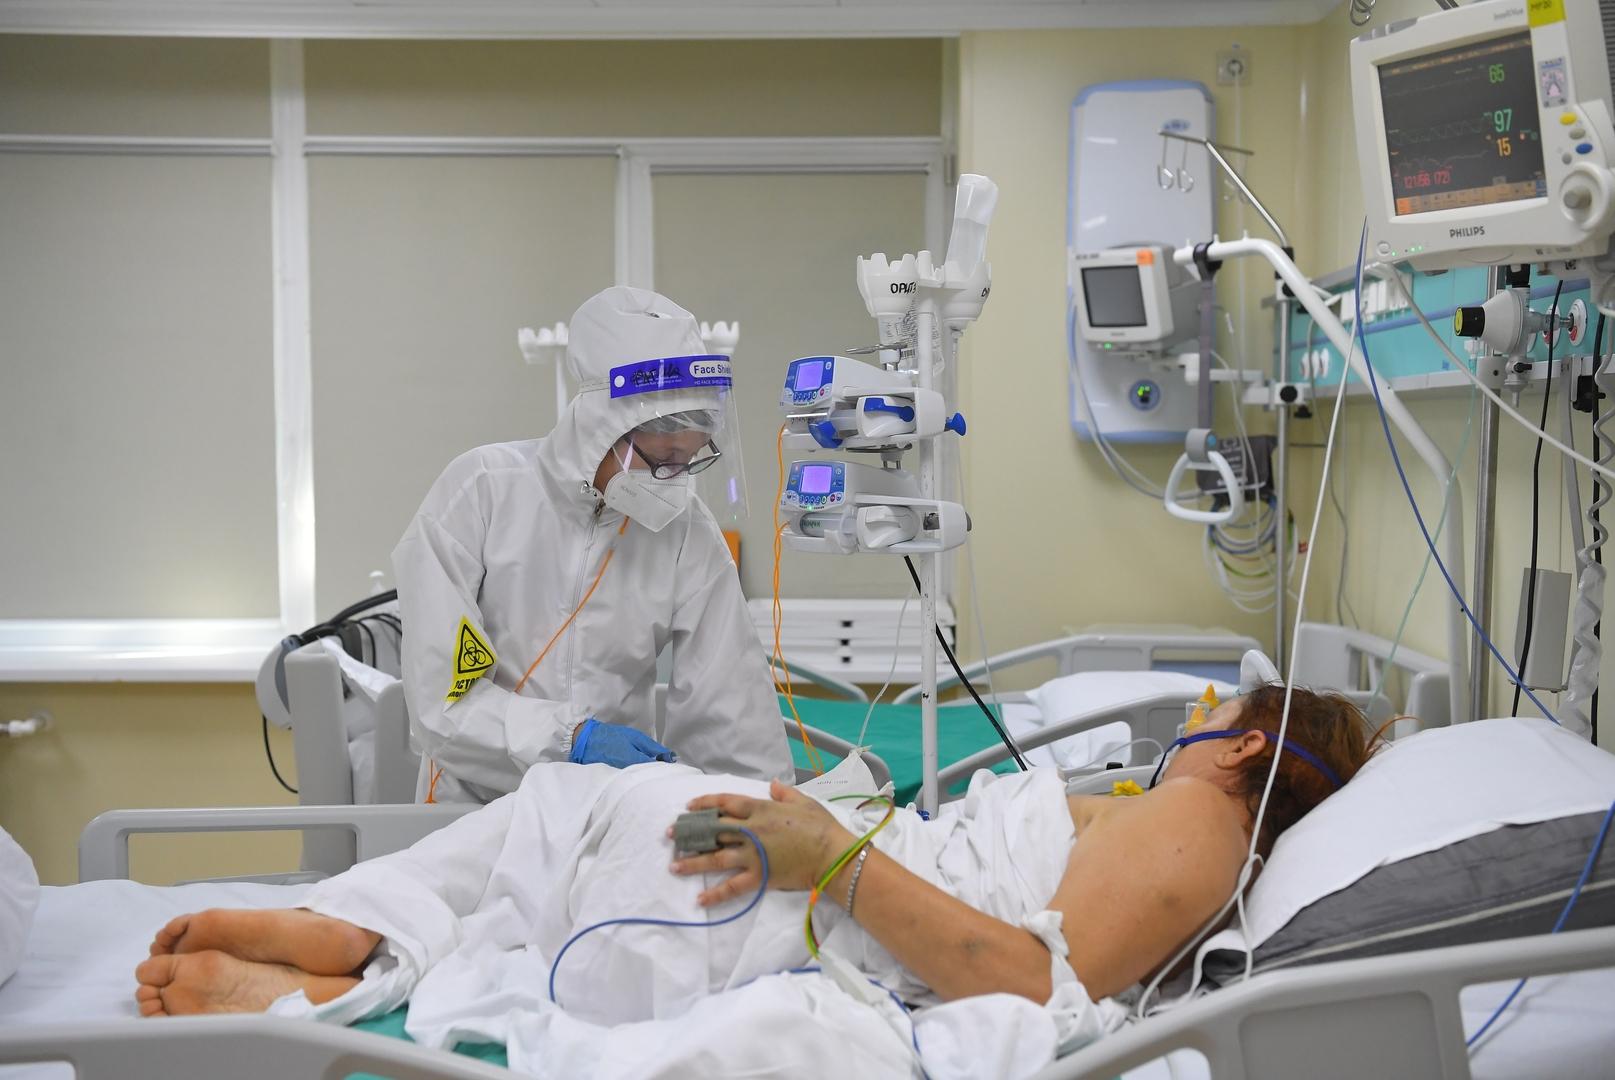 وفاة نحو 800 شخص وإصابة أكثر من 20 ألفا بفيروس كورونا خلال يوم في روسيا